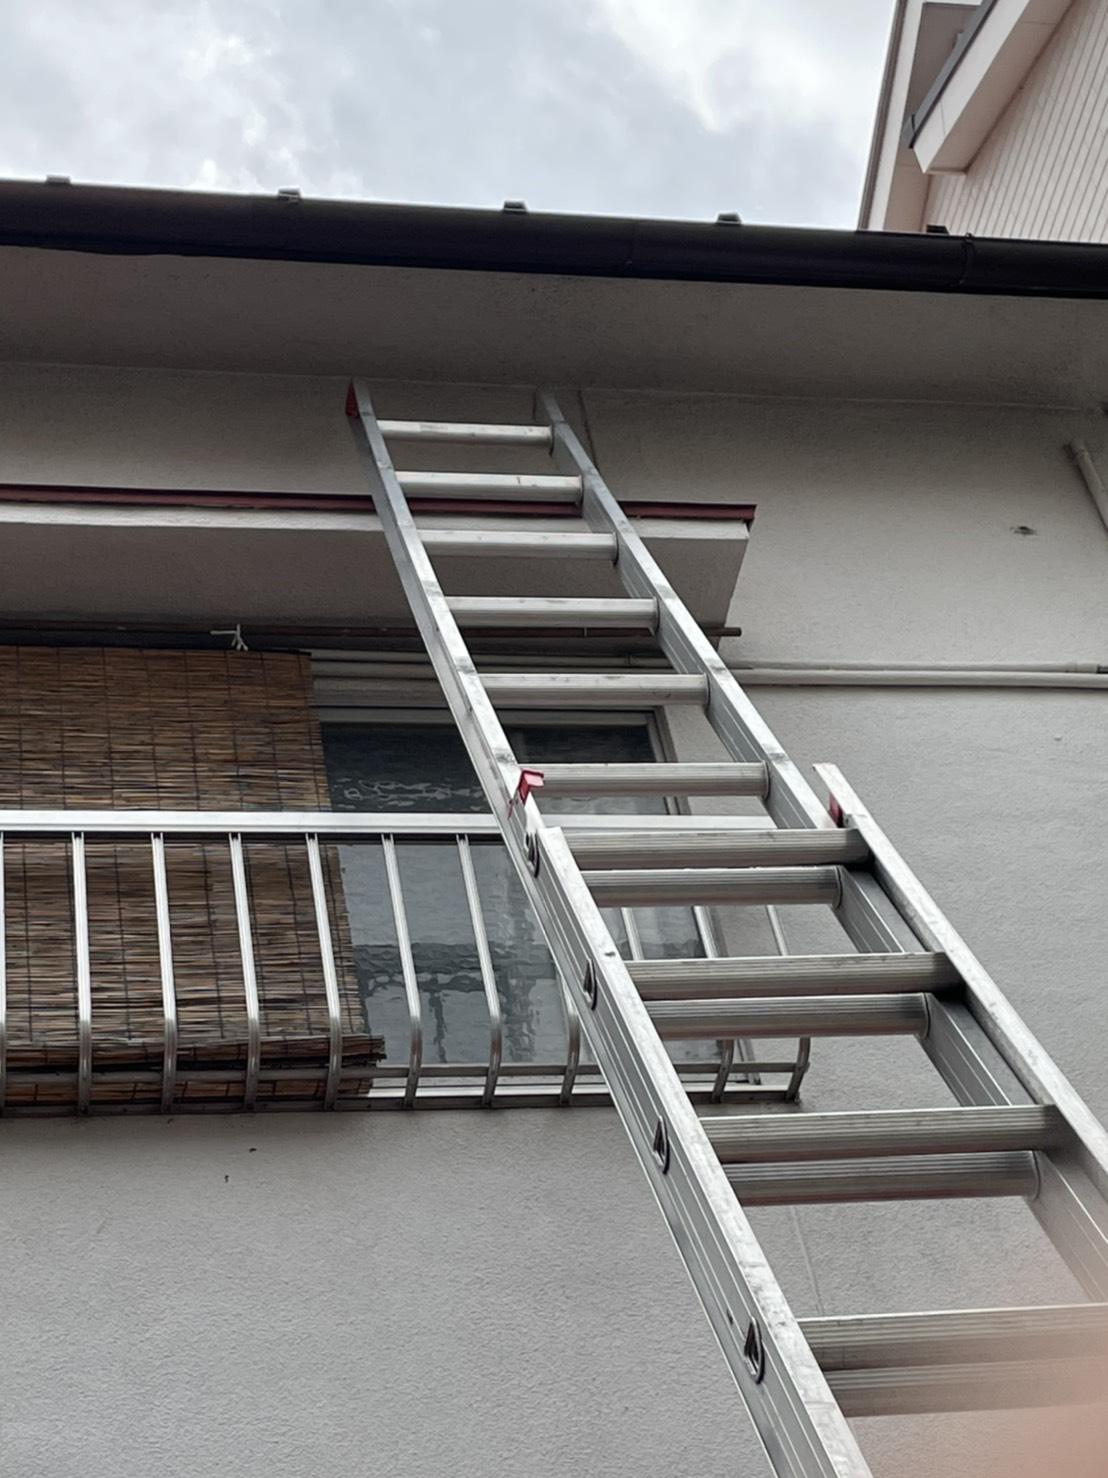 雨漏り修理前点検で梯子を掛けている様子